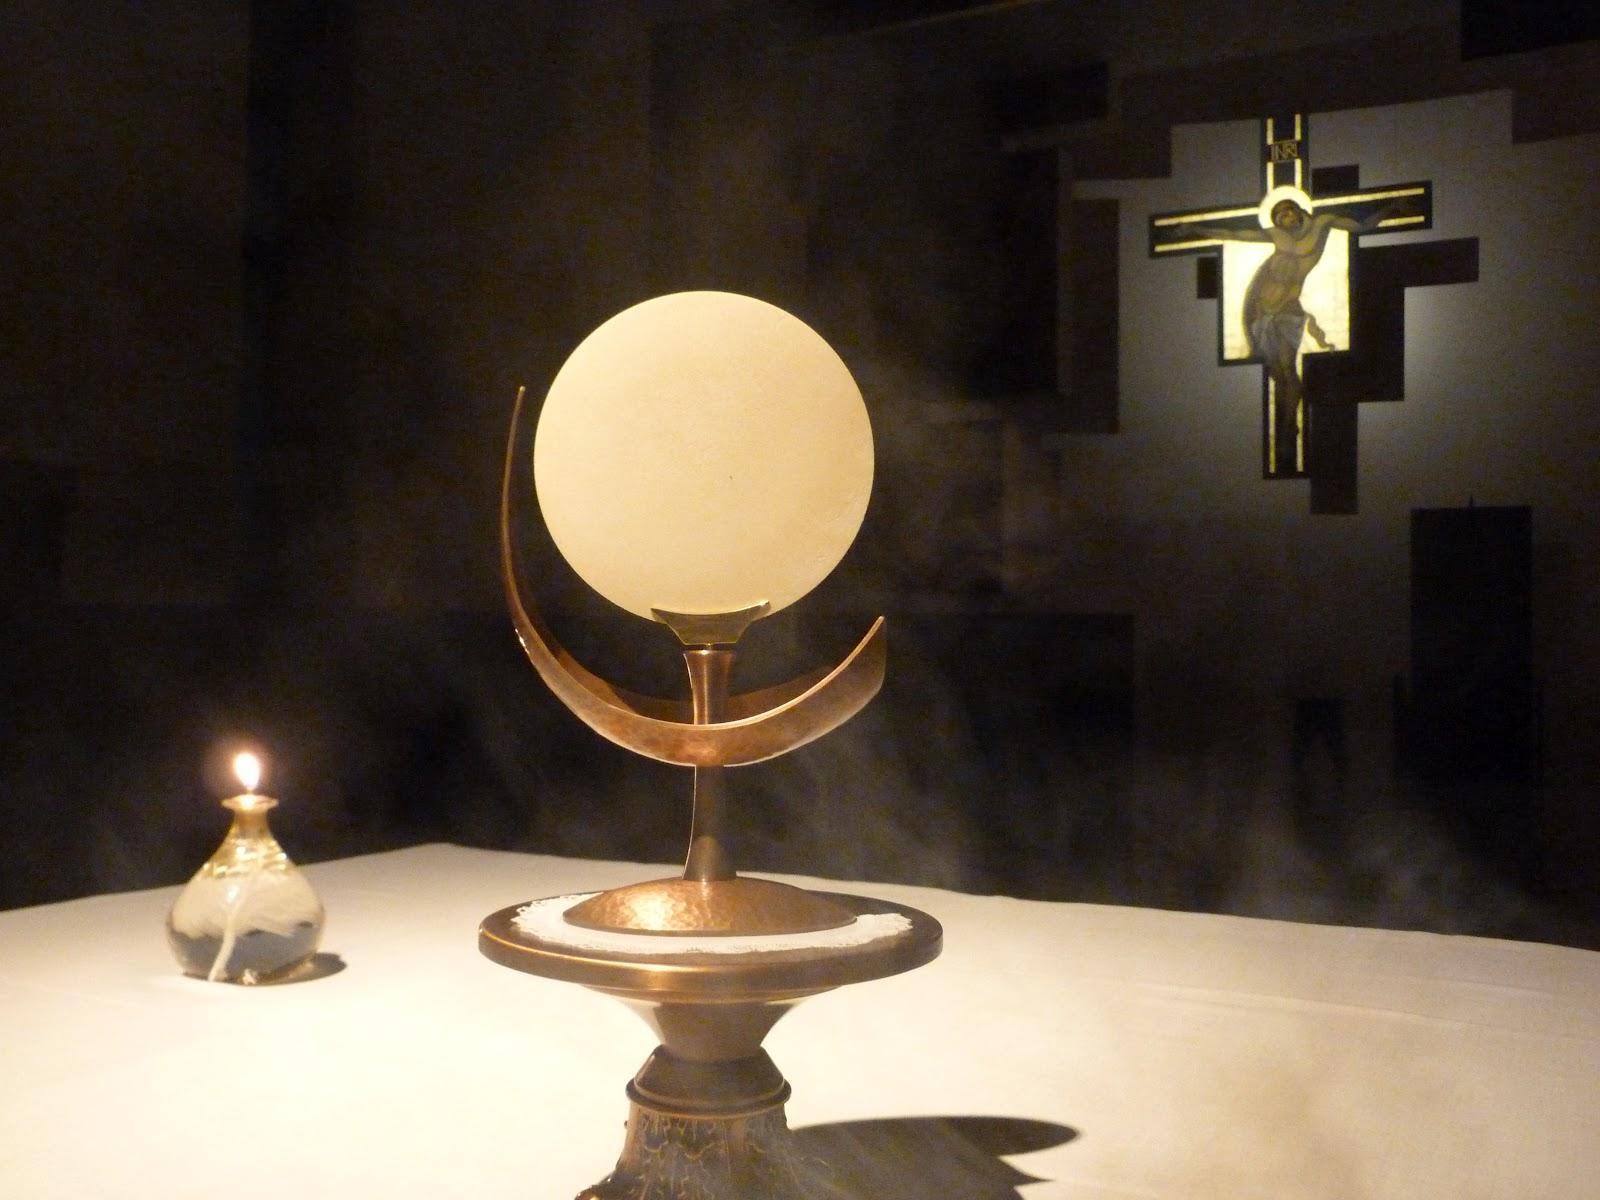 Esposizione e benedizione eucaristica